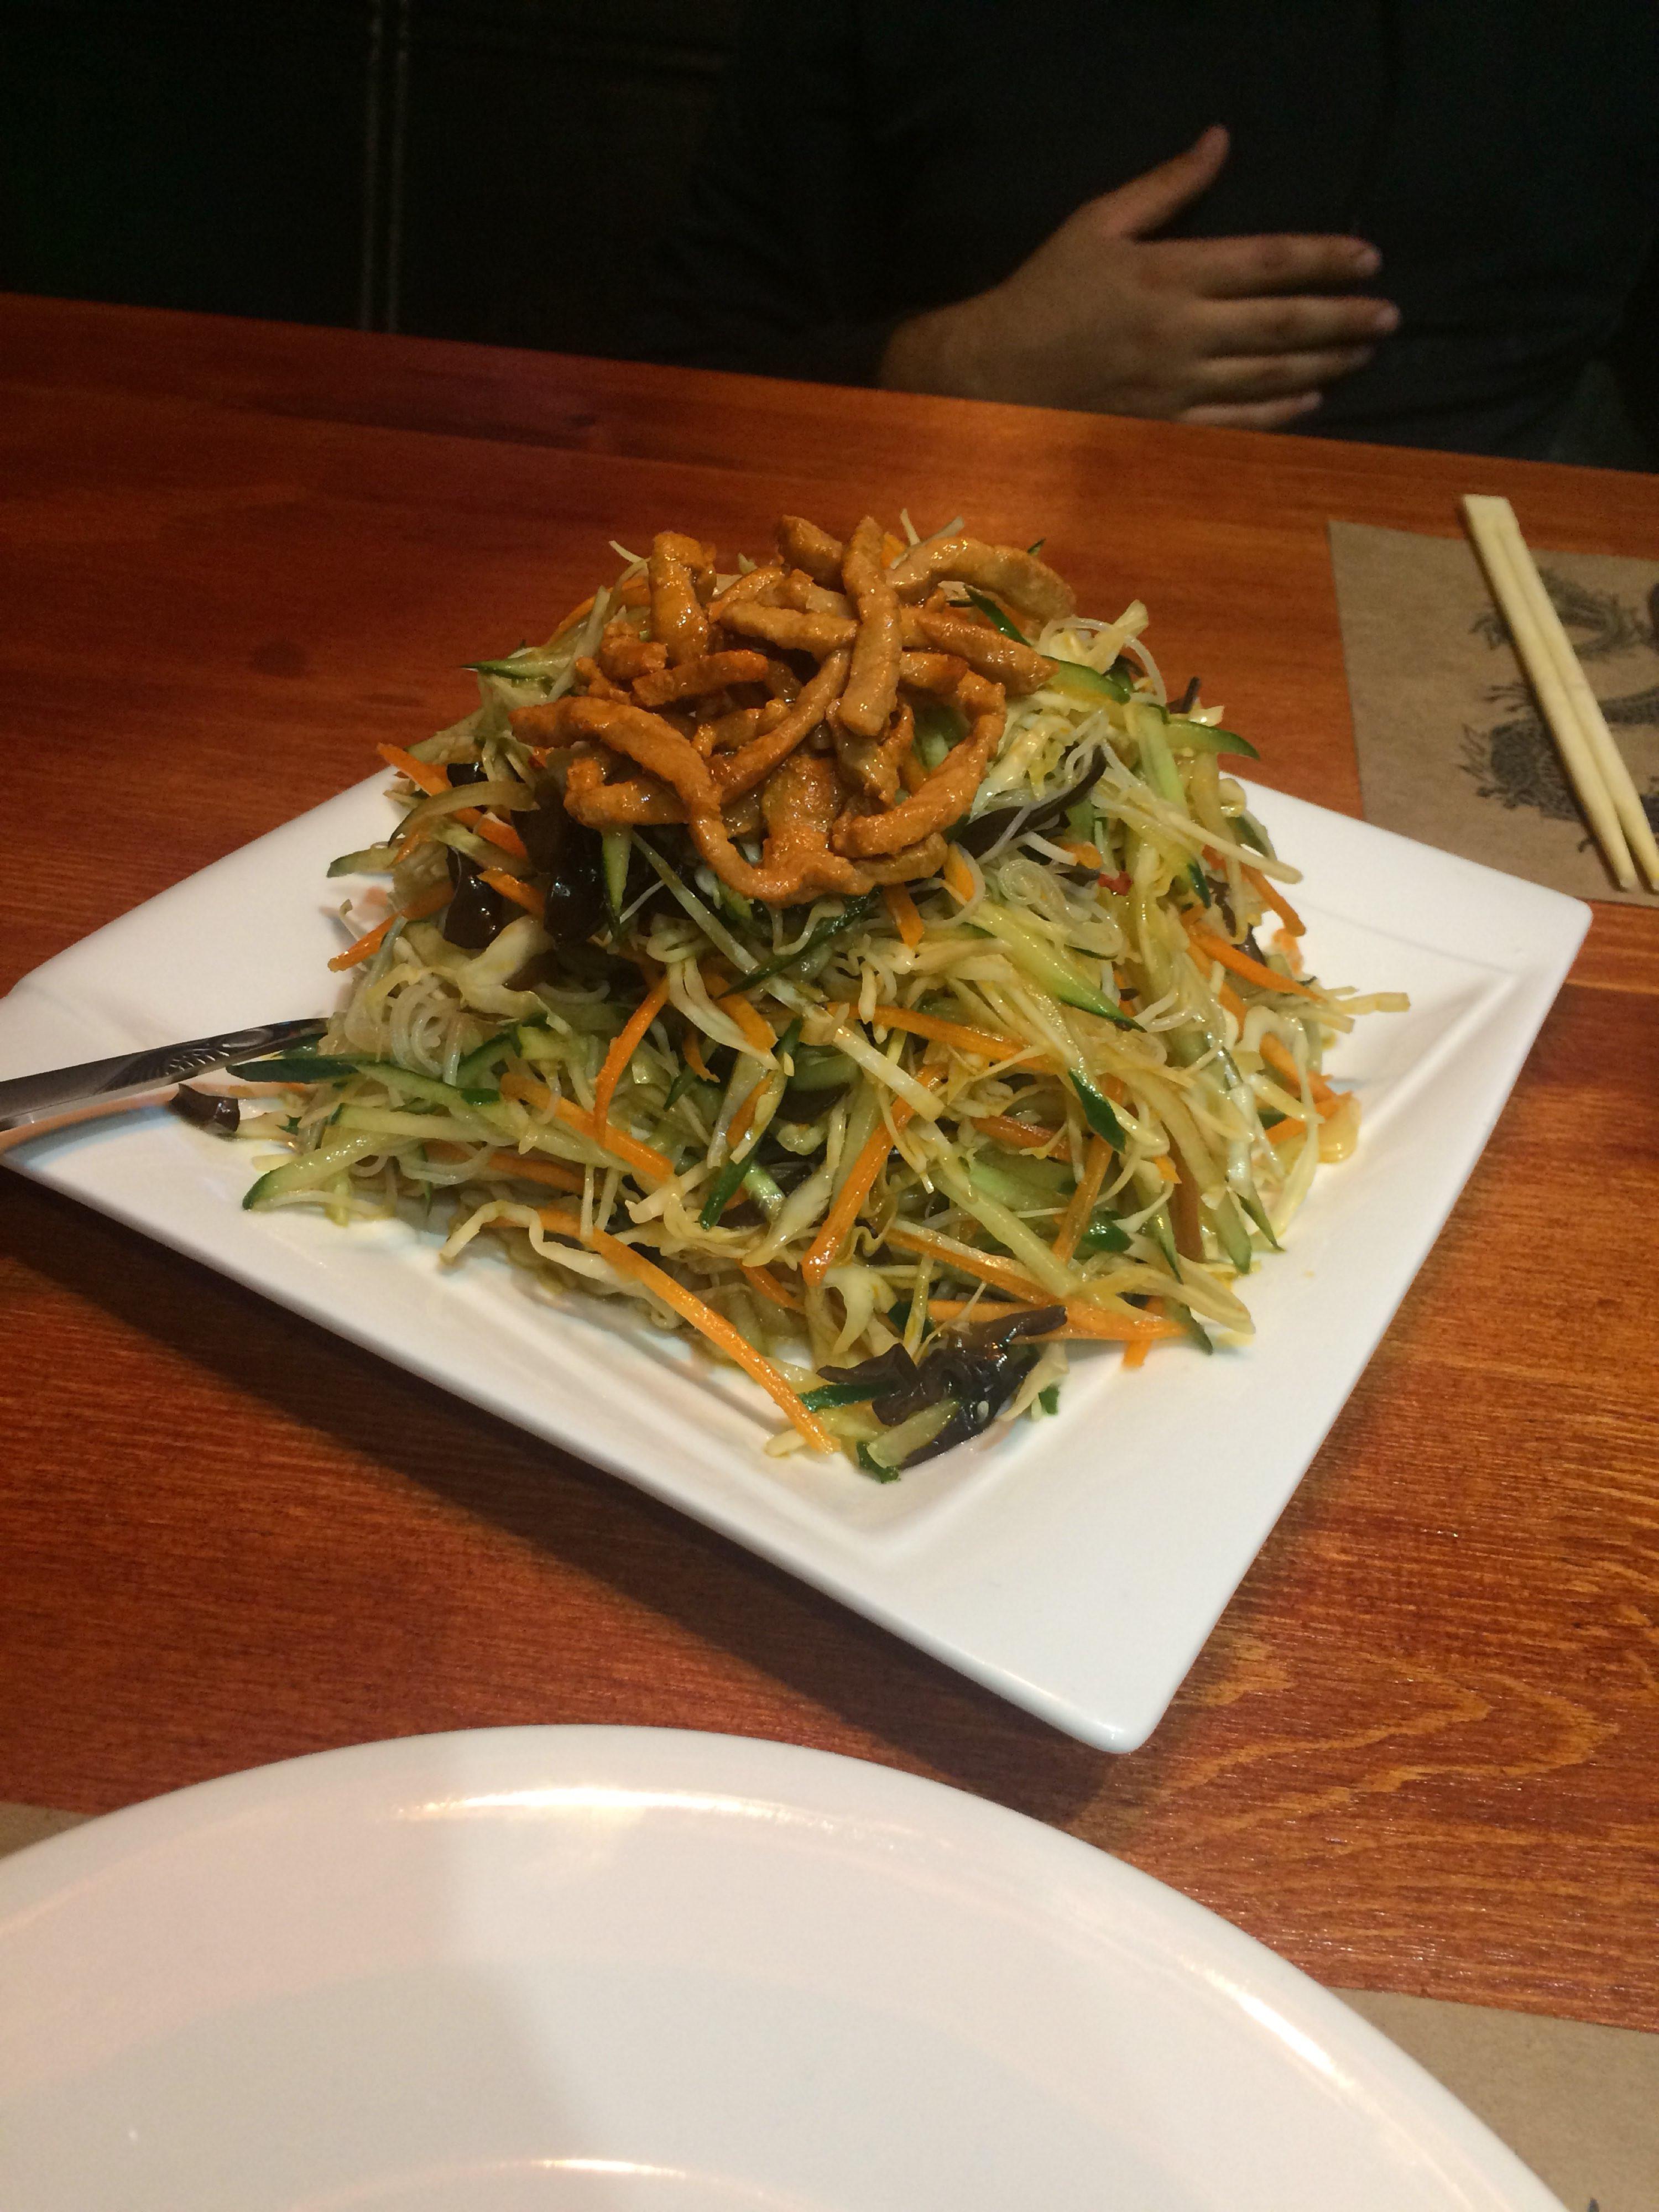 китайская кухня благовещенск отзывы подаче